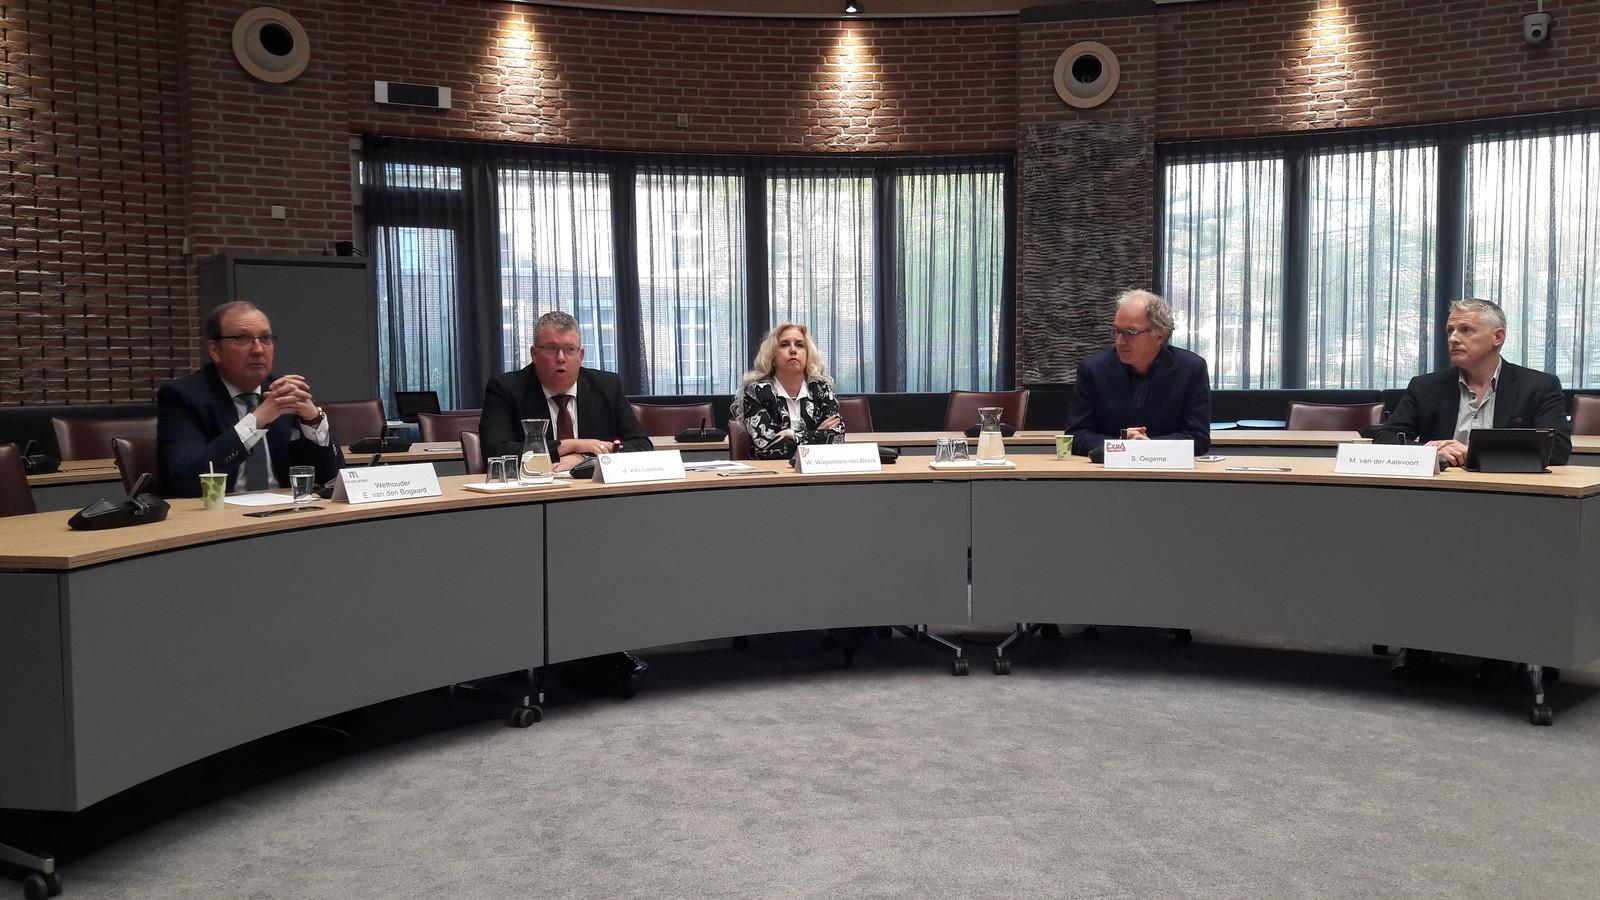 Eric van den Bogaard (voorheen Team Meierijstad), Johan van Gerwen (CDA), Wilma Wagenaars (VVD), Sikko Oegema (PvdA) en Mari van der Aalsvoort (Team 6) tijdens het persgesprek.